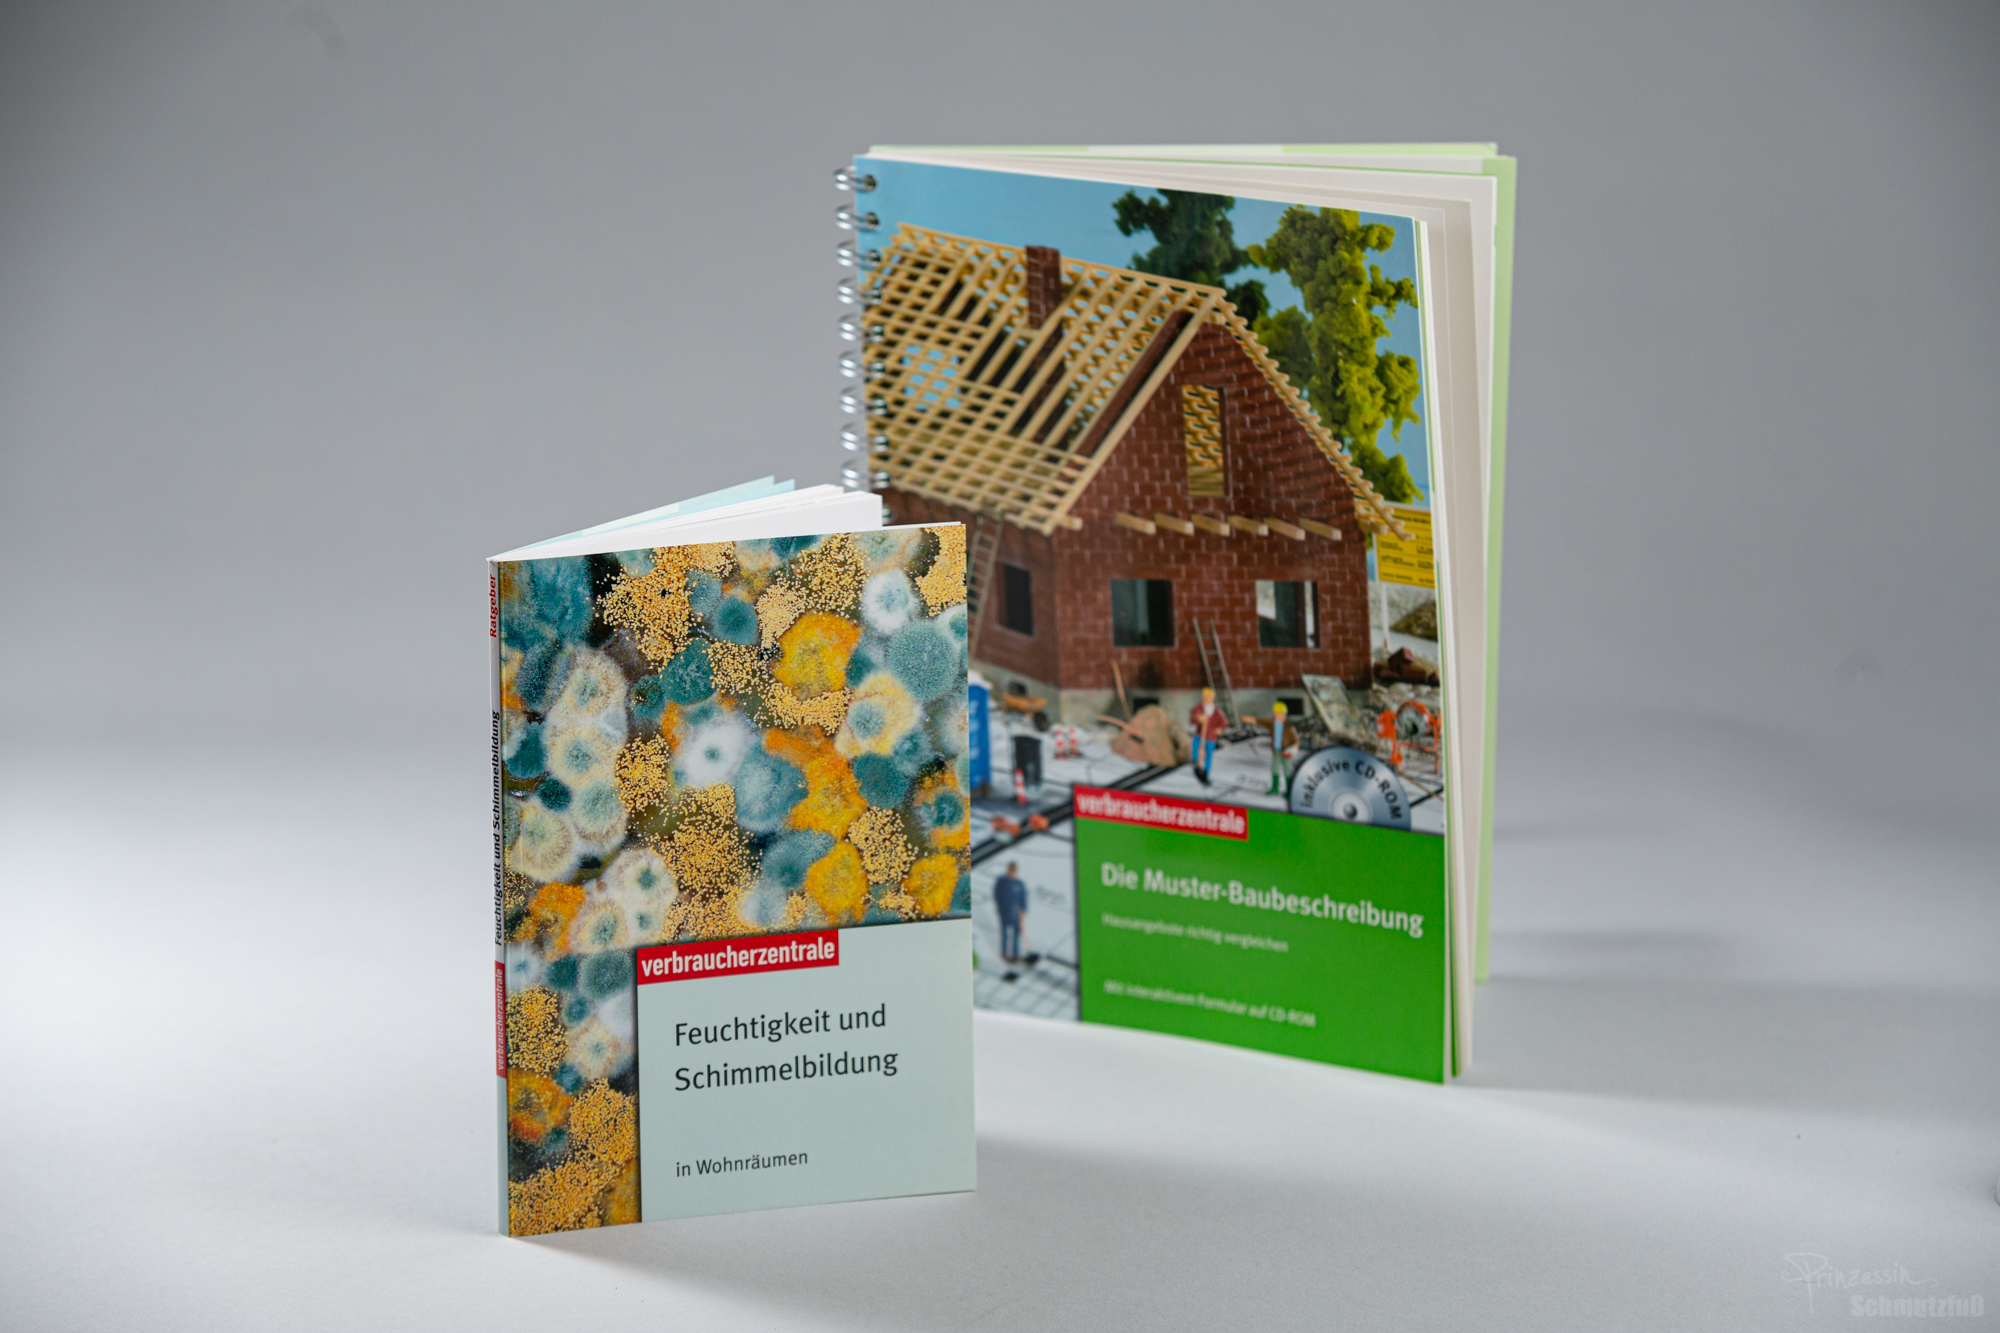 Textsatz | Textkorrektur | Umsetzung diverser Ratgeber unter Verwendung eines vorgegebenen CDs | Verbraucherzentralen | Anstellung bei da vinci design